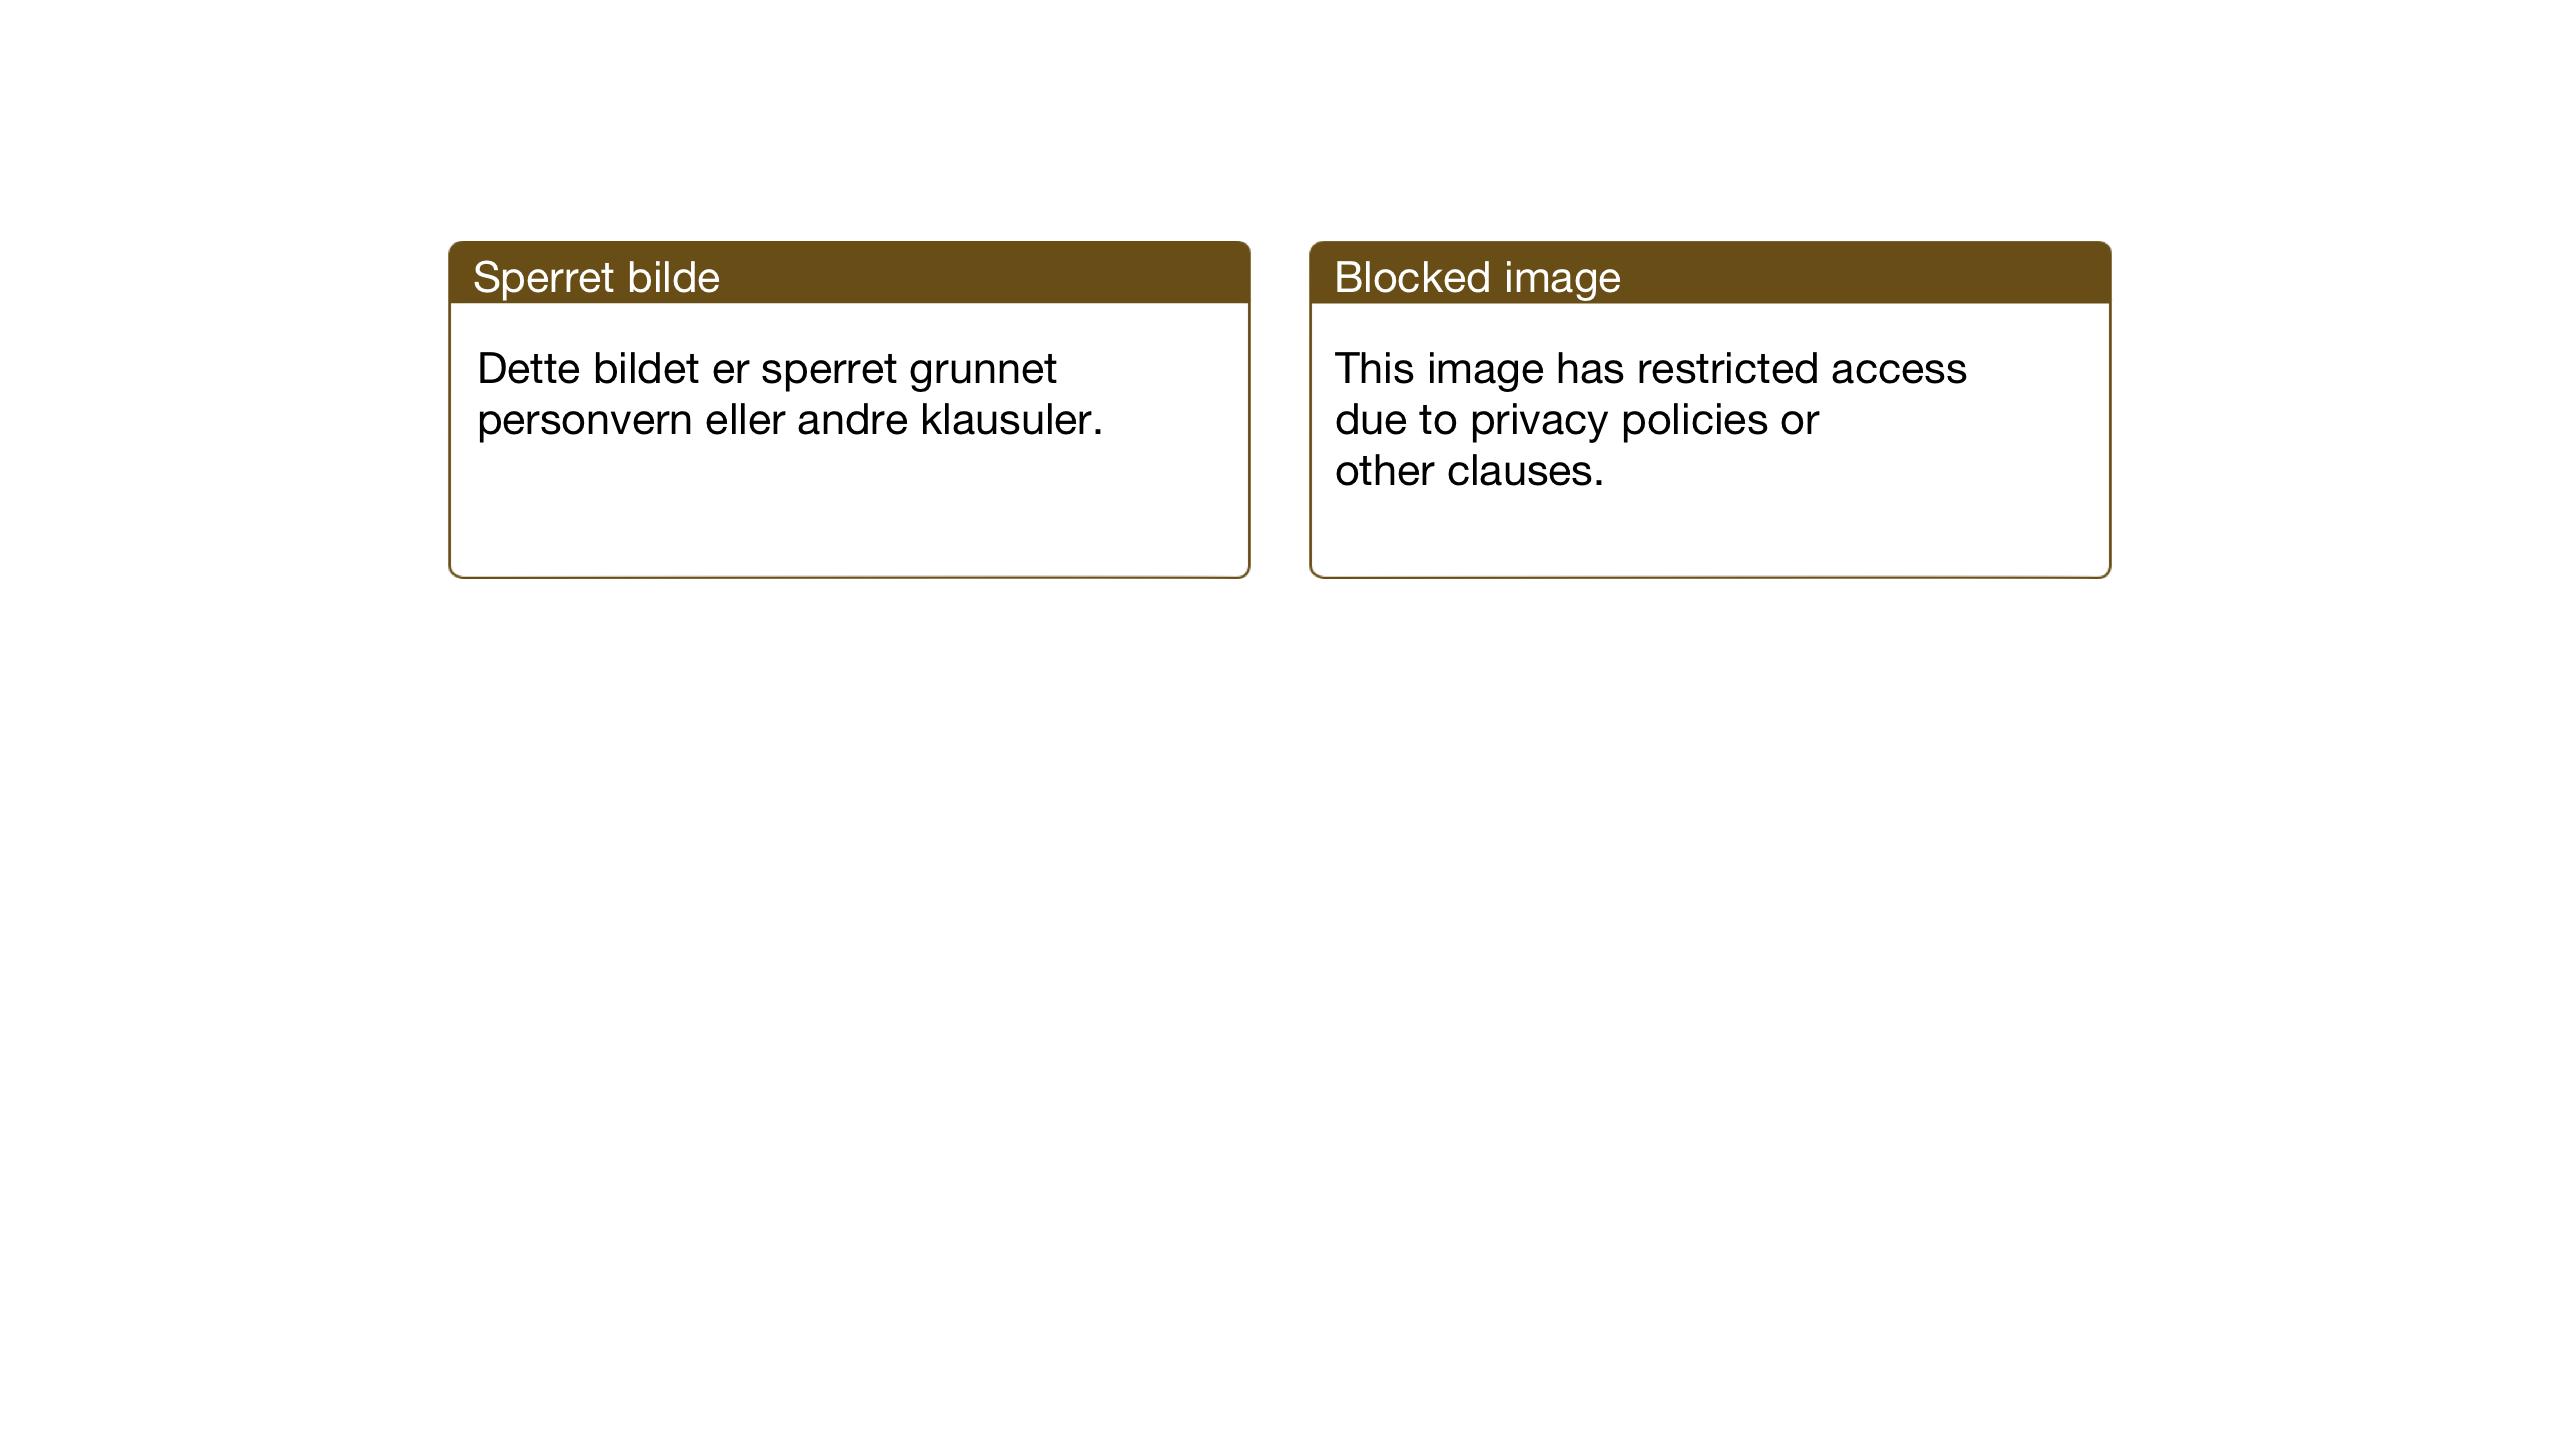 SAT, Ministerialprotokoller, klokkerbøker og fødselsregistre - Sør-Trøndelag, 618/L0454: Klokkerbok nr. 618C05, 1926-1946, s. 73